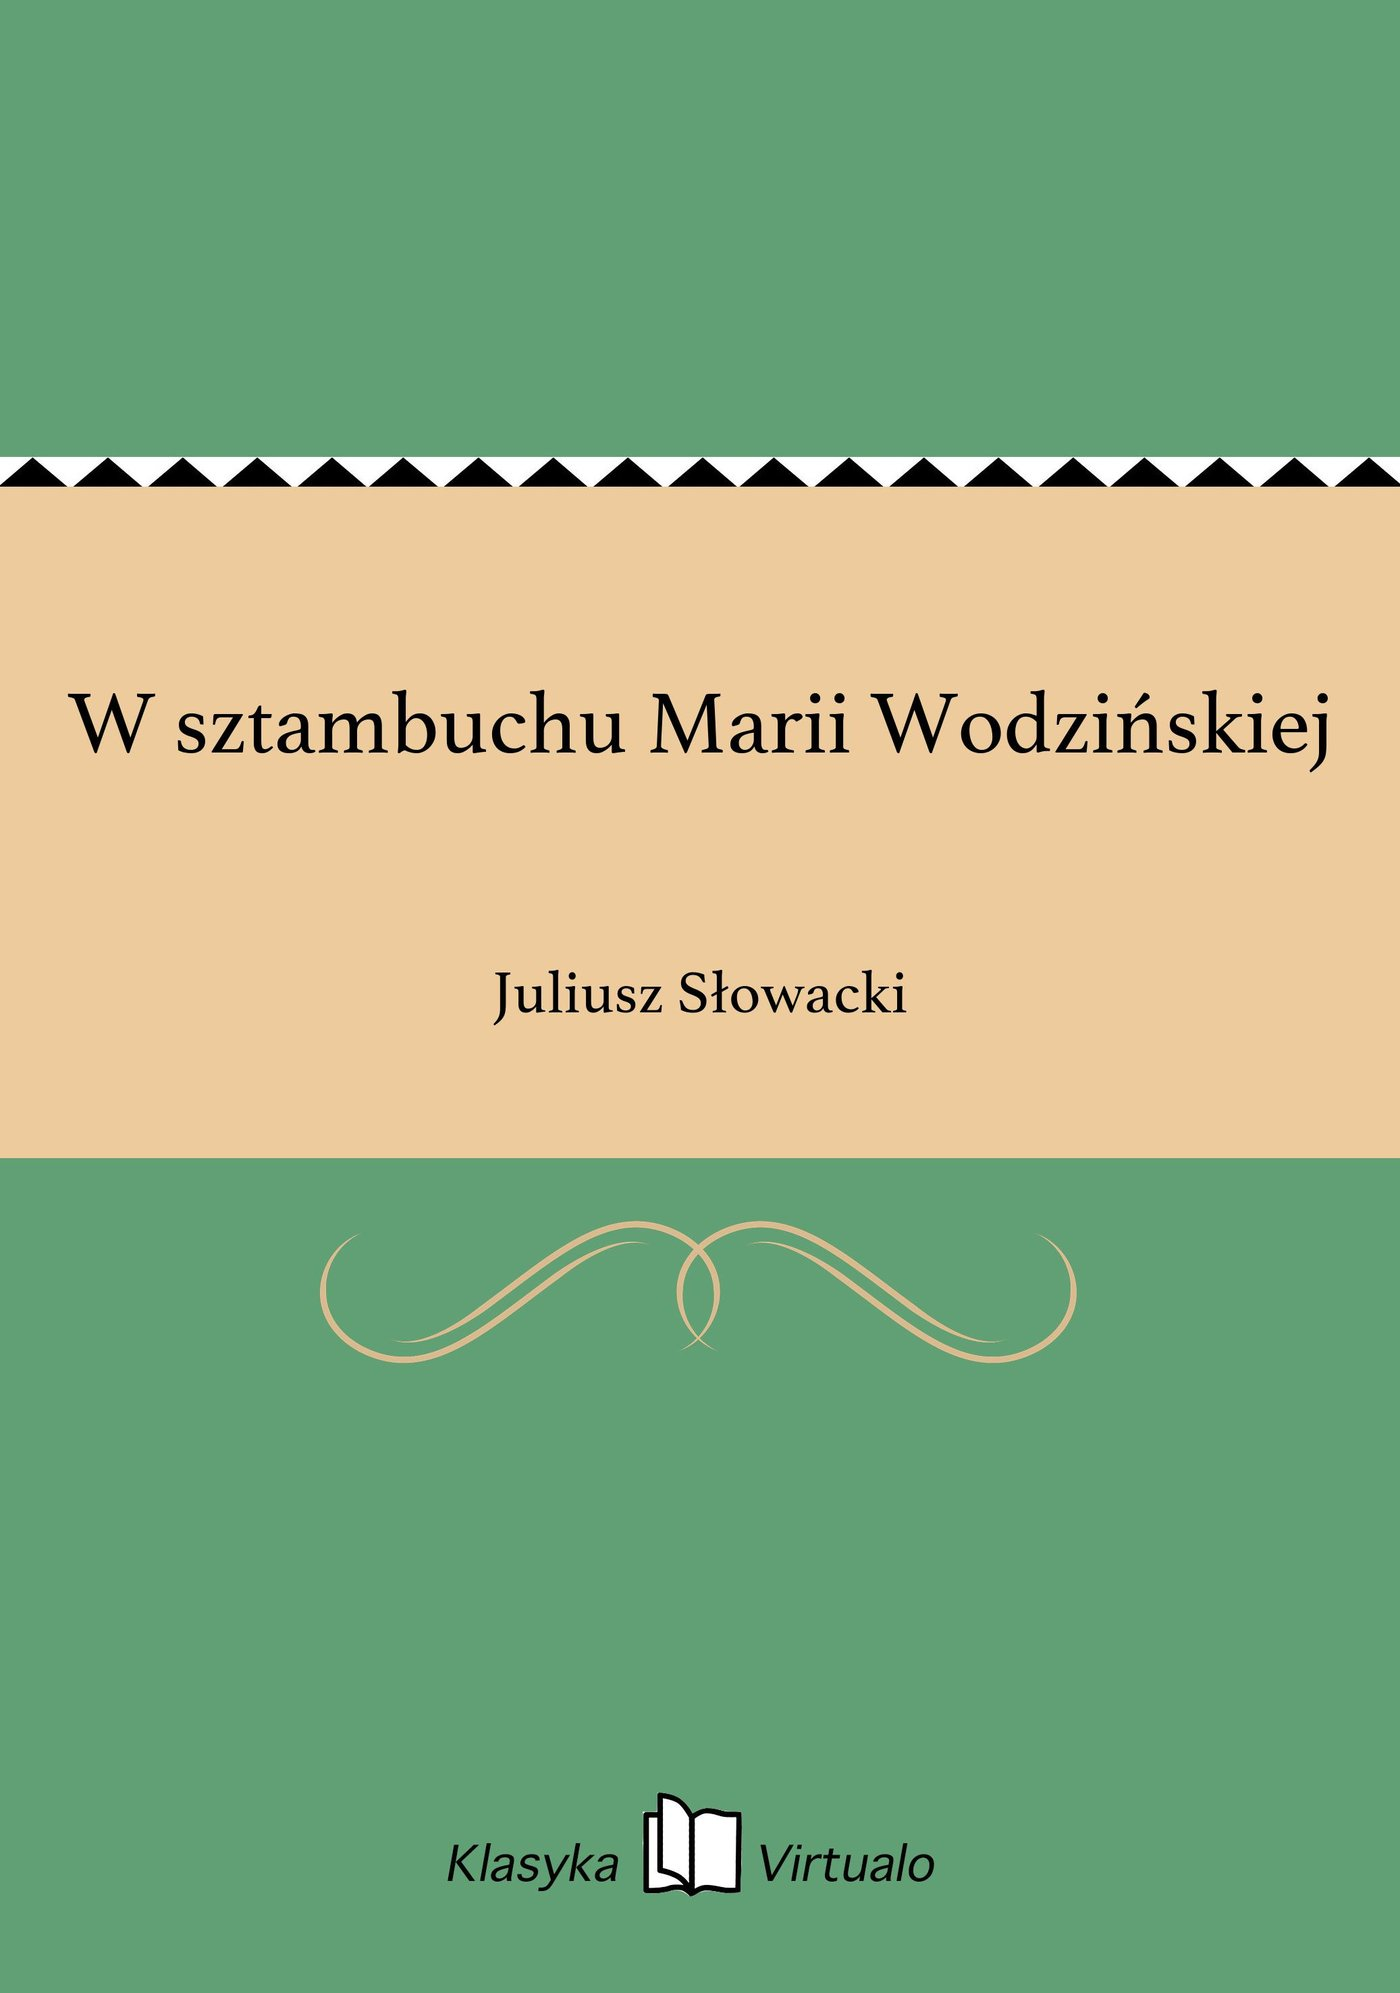 W sztambuchu Marii Wodzińskiej - Ebook (Książka EPUB) do pobrania w formacie EPUB